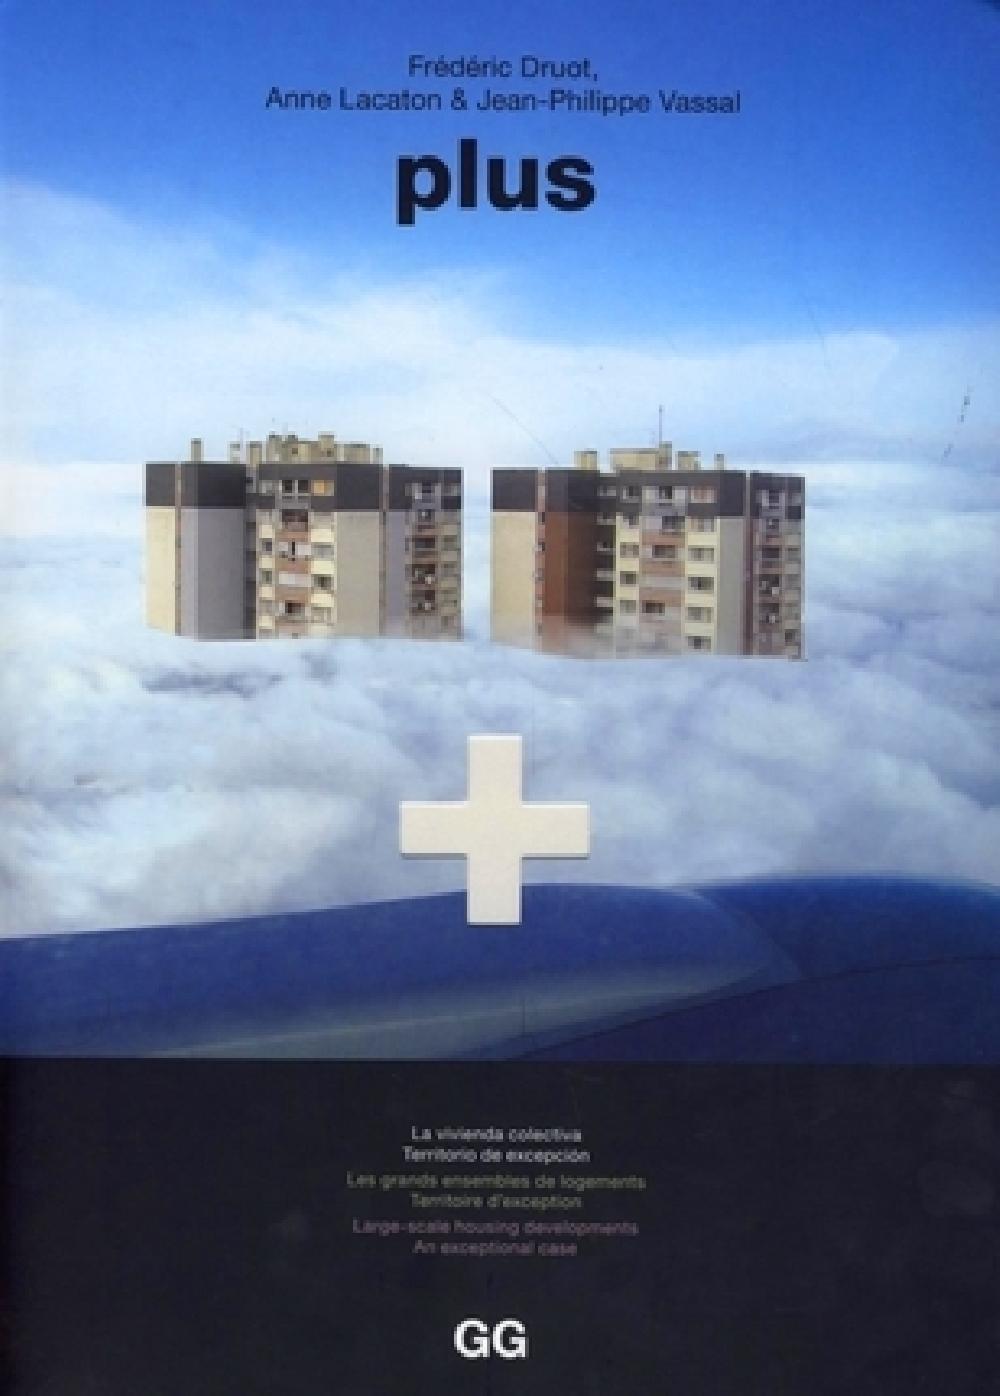 Plus - Les grands ensembles de logements - Territoire d'exception